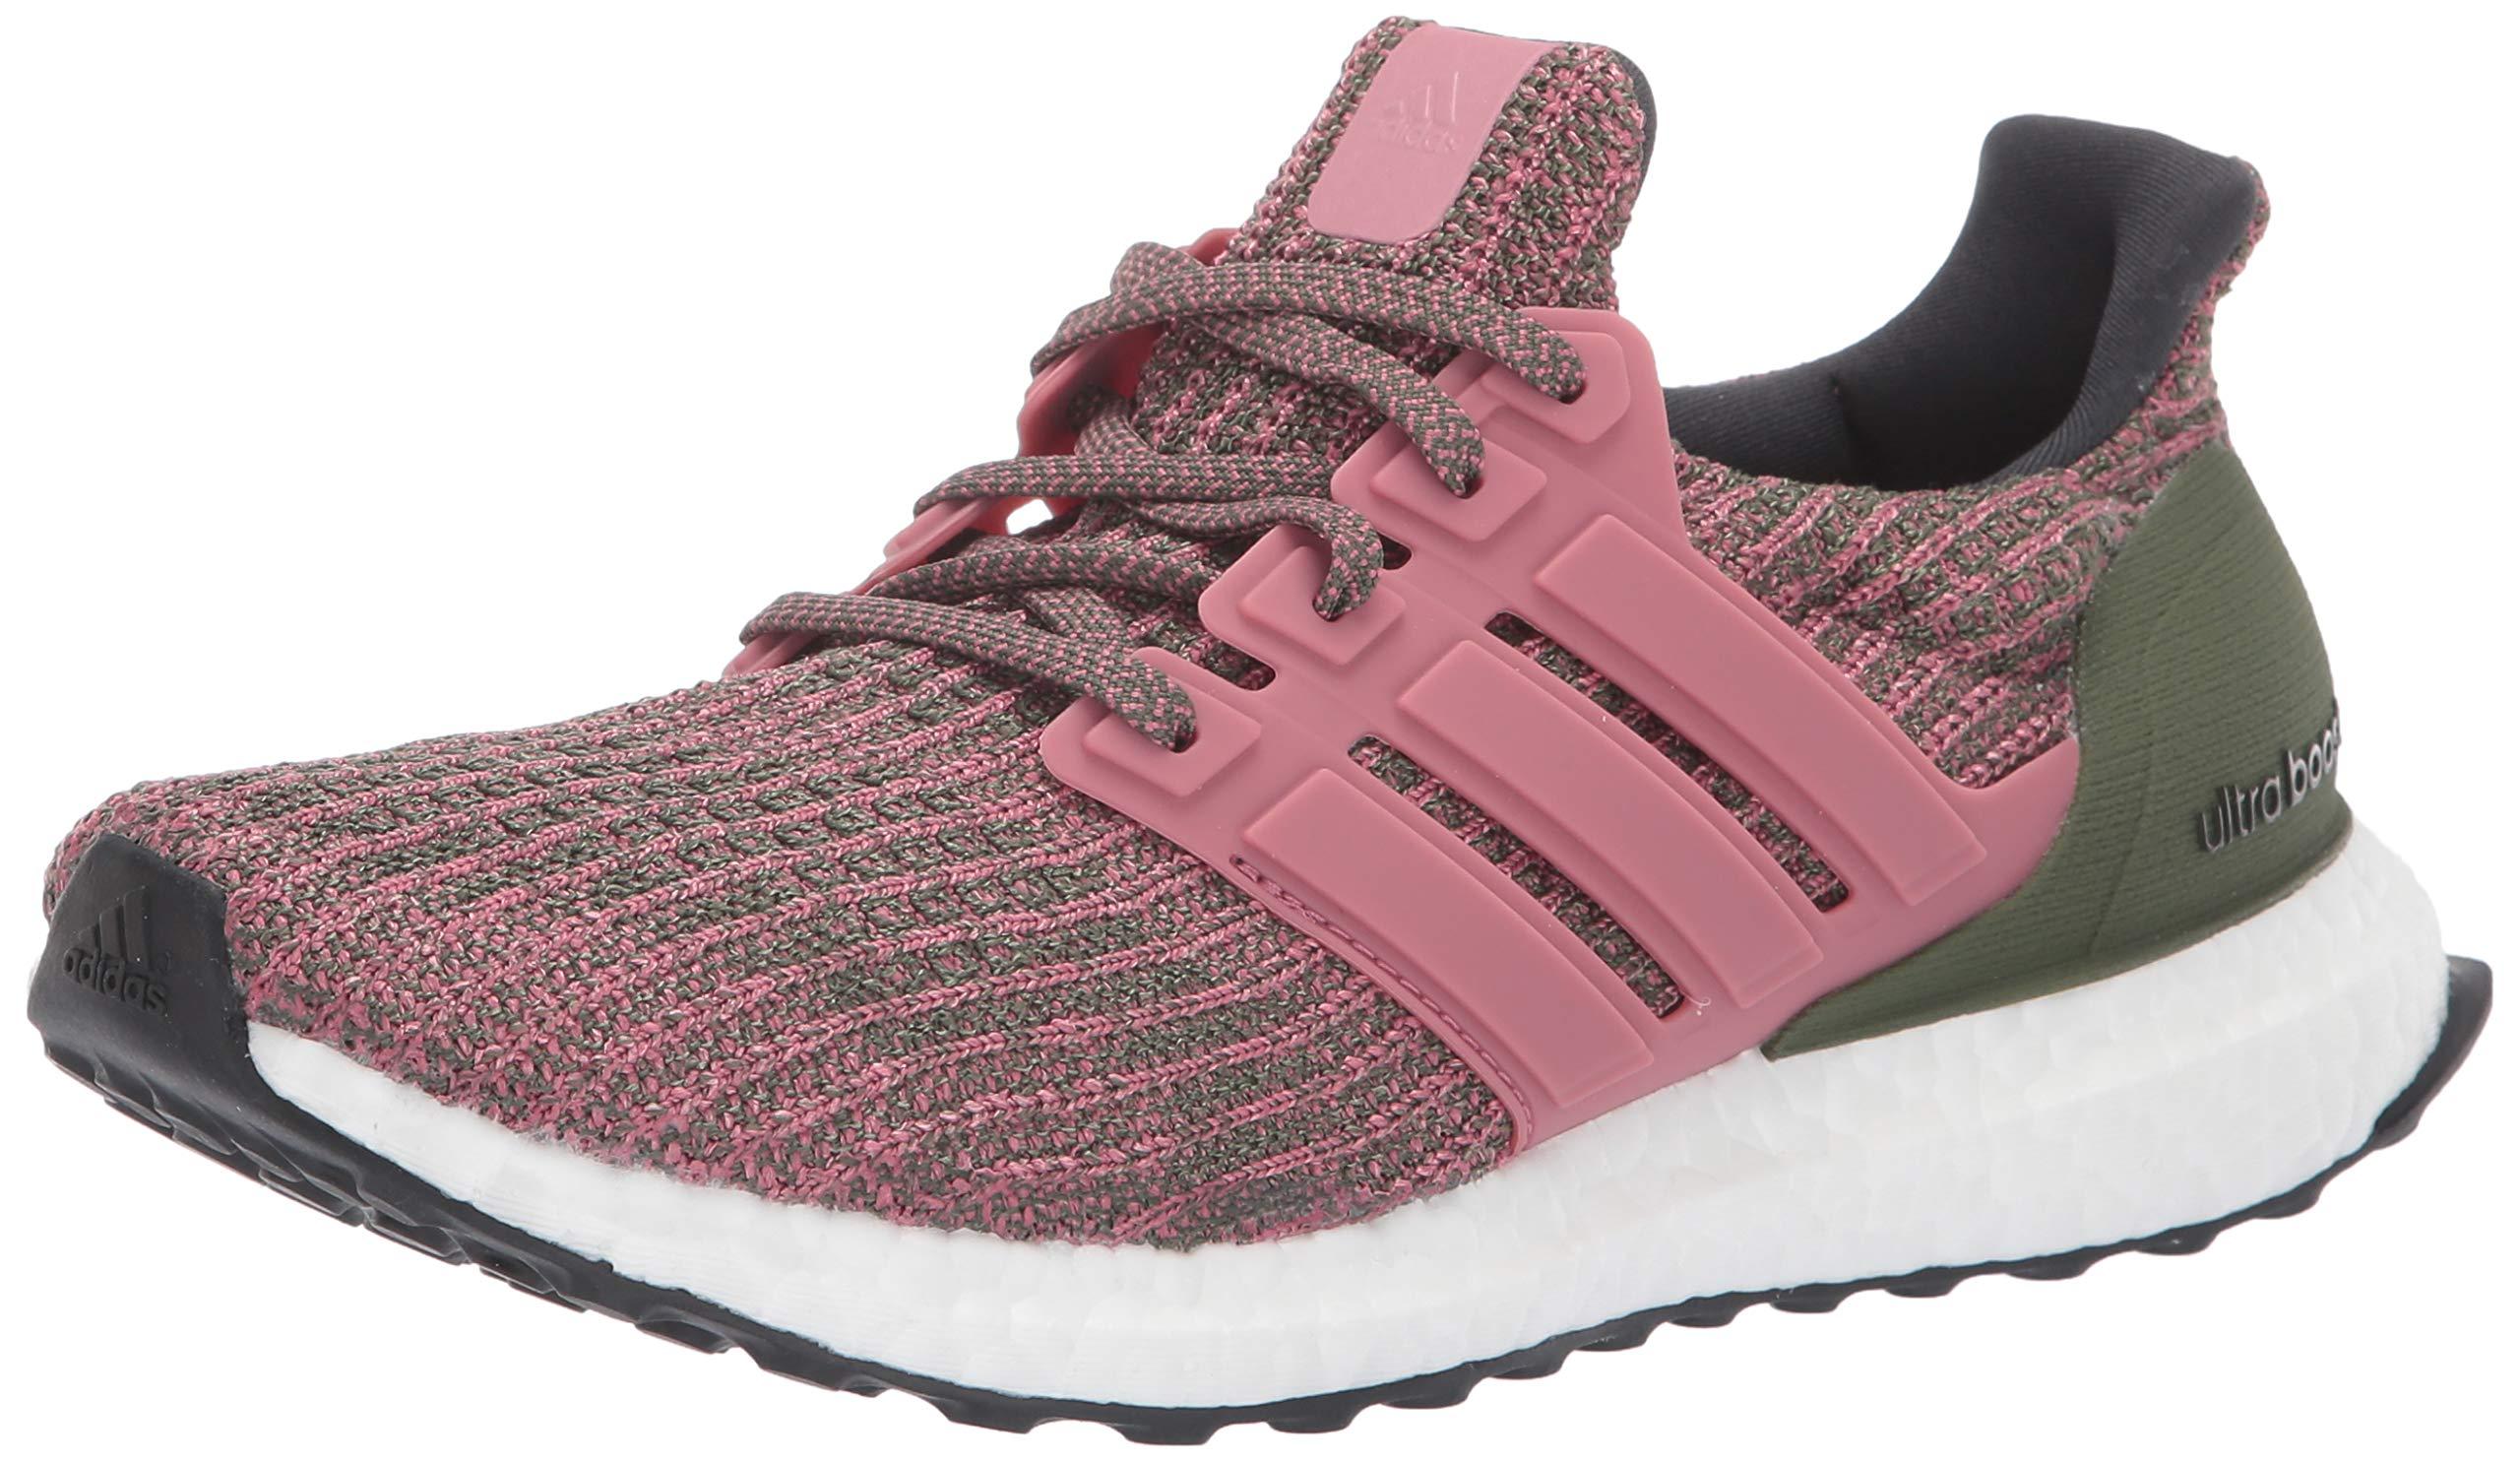 0c6a22baf0df7 Galleon - Adidas Originals Women s Ultraboost